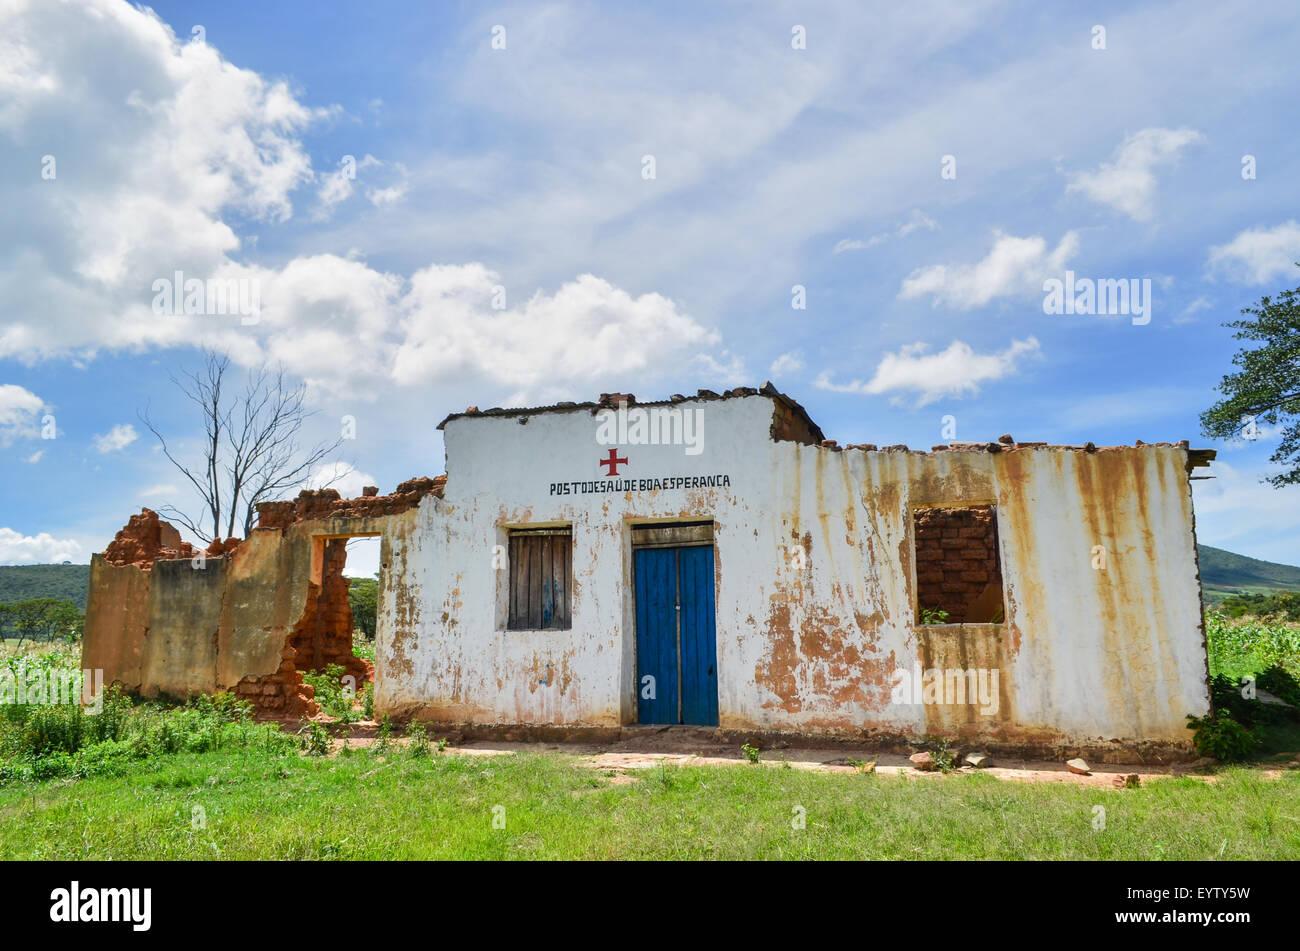 Ruins of a health center (posto do saude) in rural Angola - Stock Image